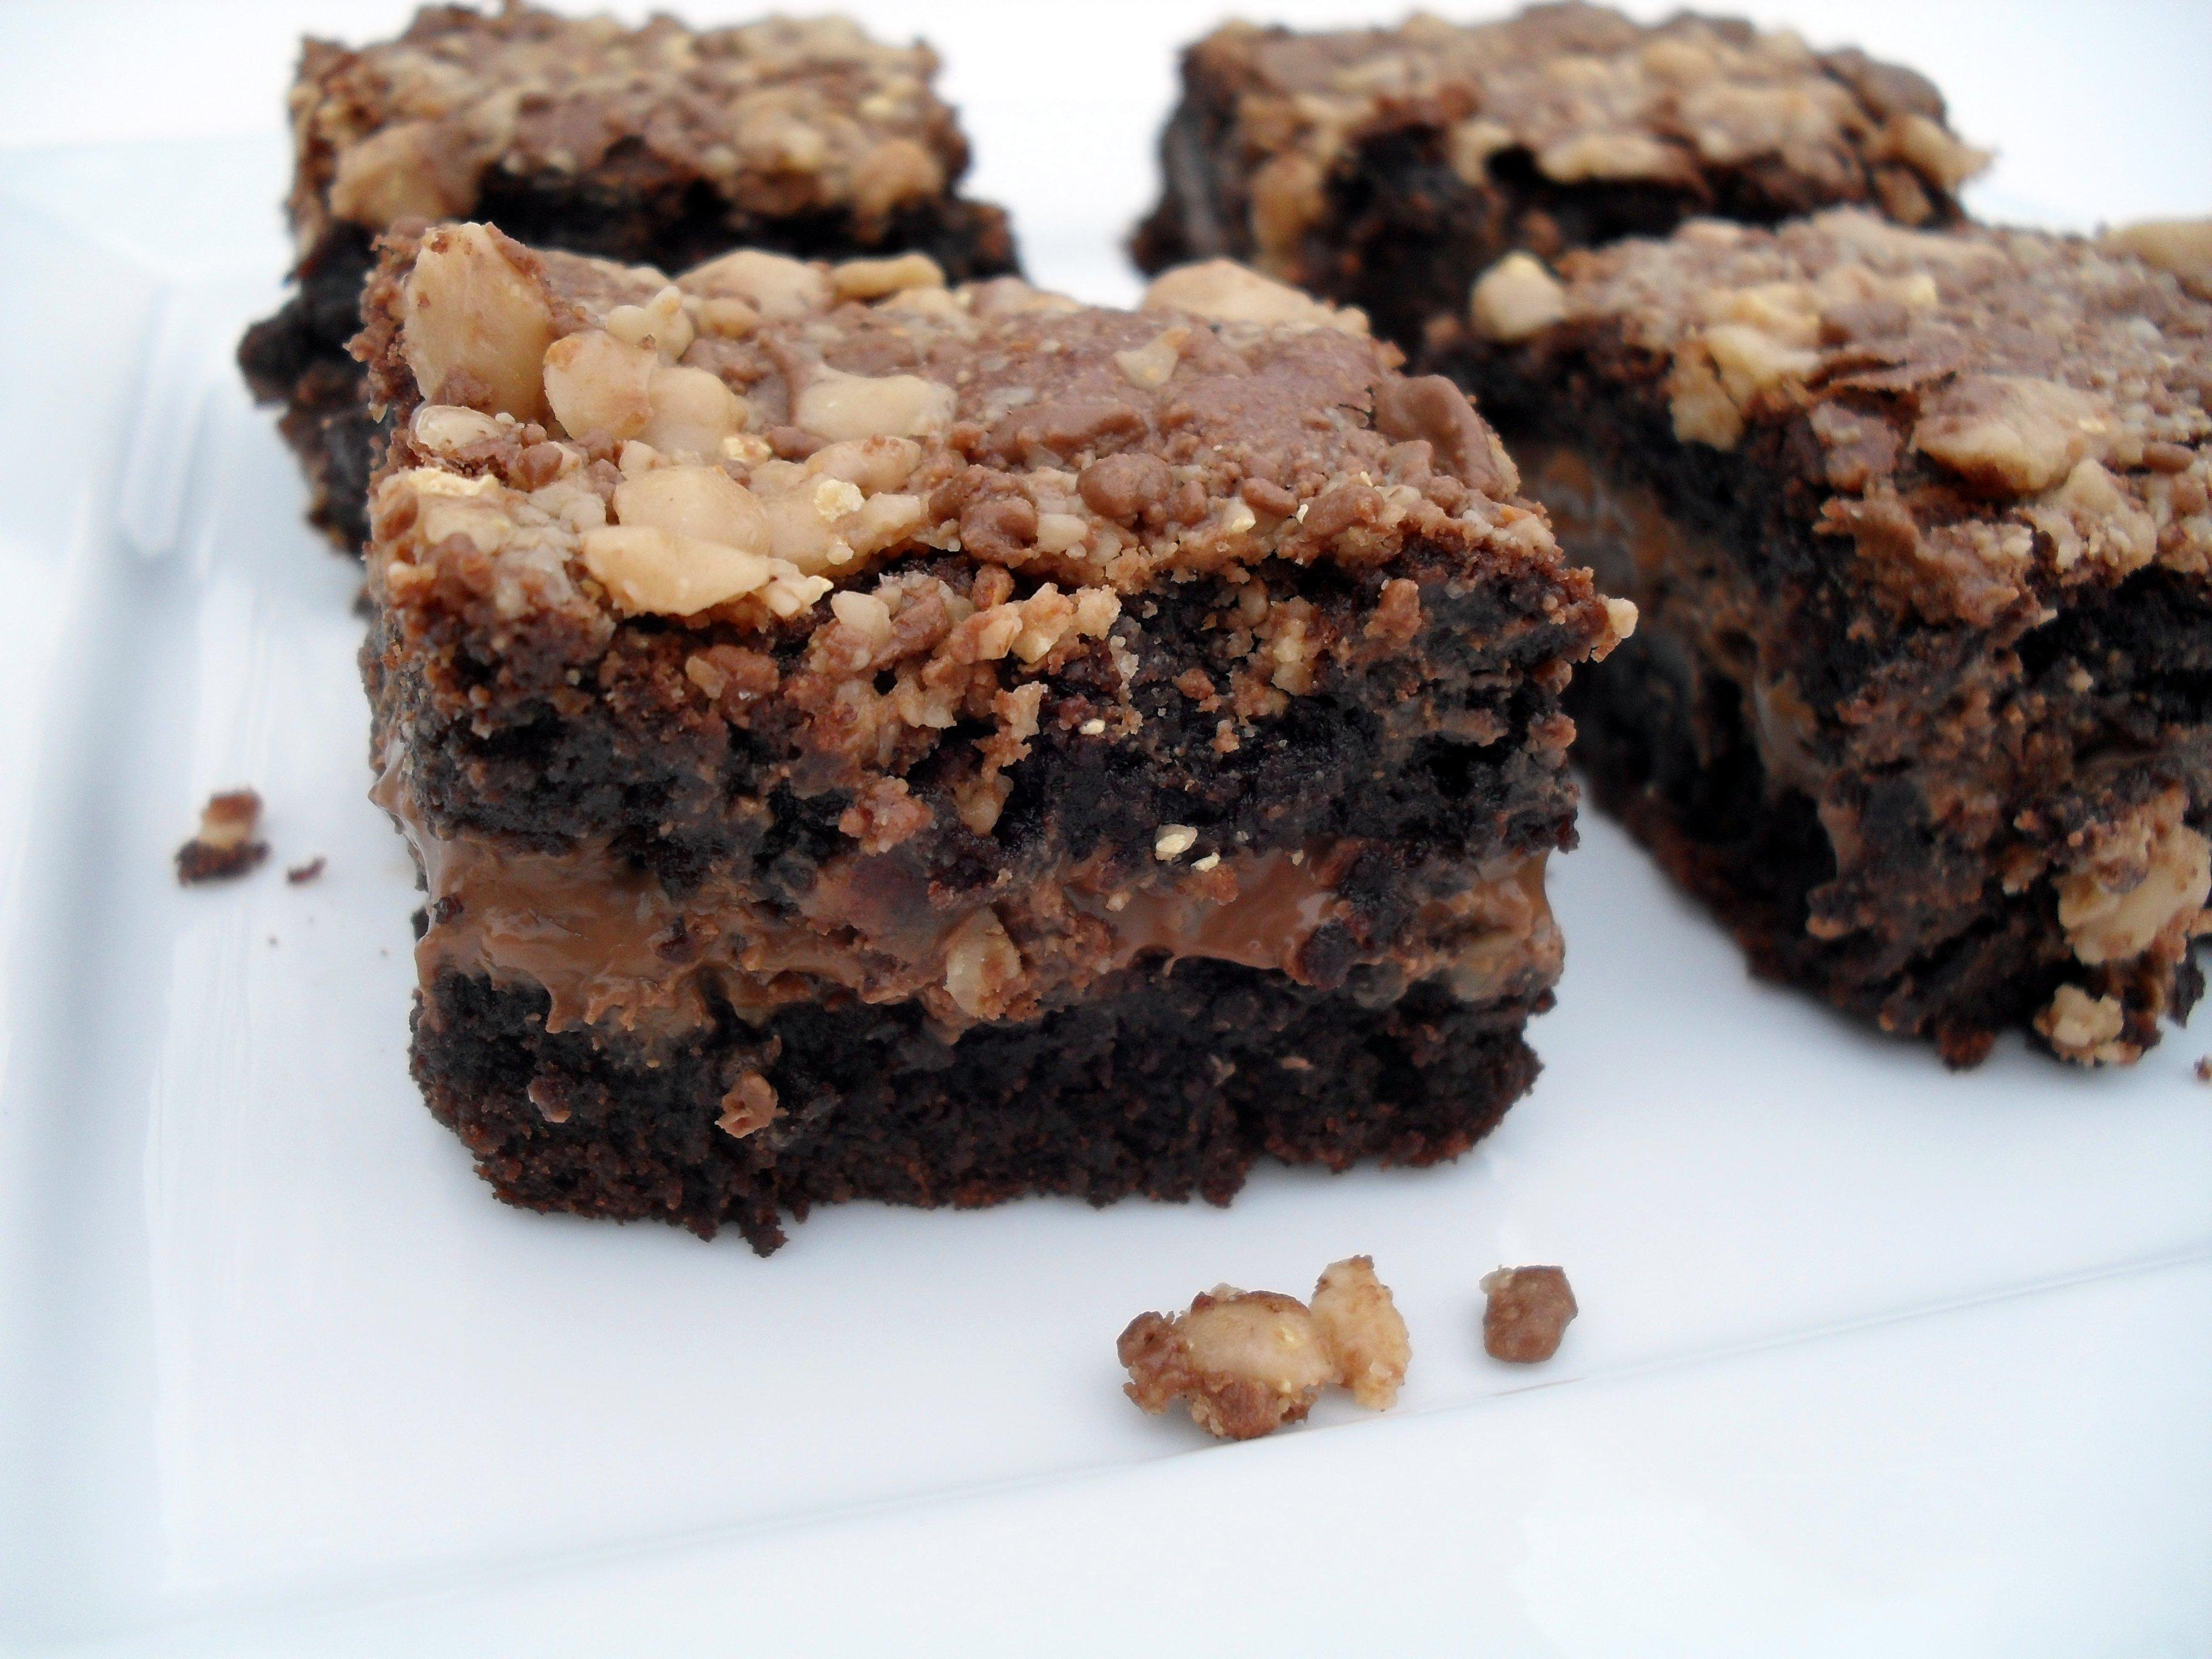 ... mocha cake v mocha truffles mocha tartufo mocha toffee bars recipe